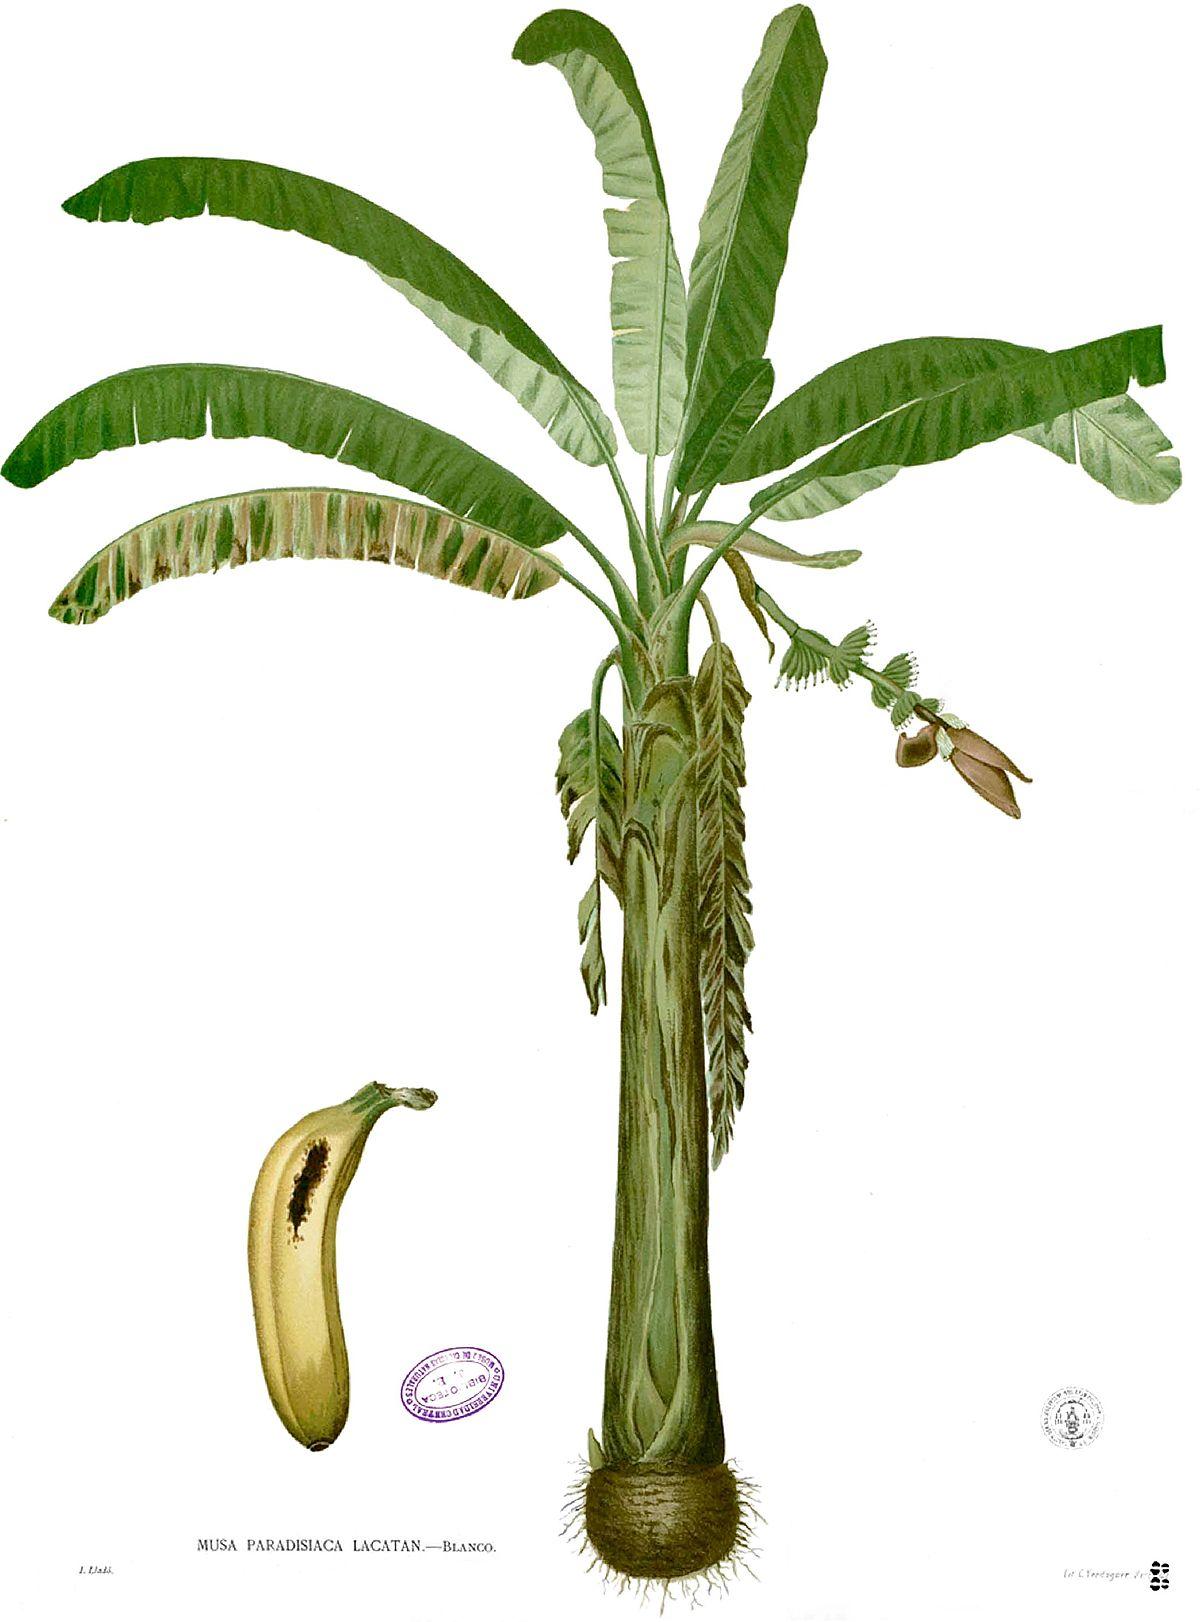 corn plant diagram wiring for master phone socket banan zwyczajny  wikipedia wolna encyklopedia